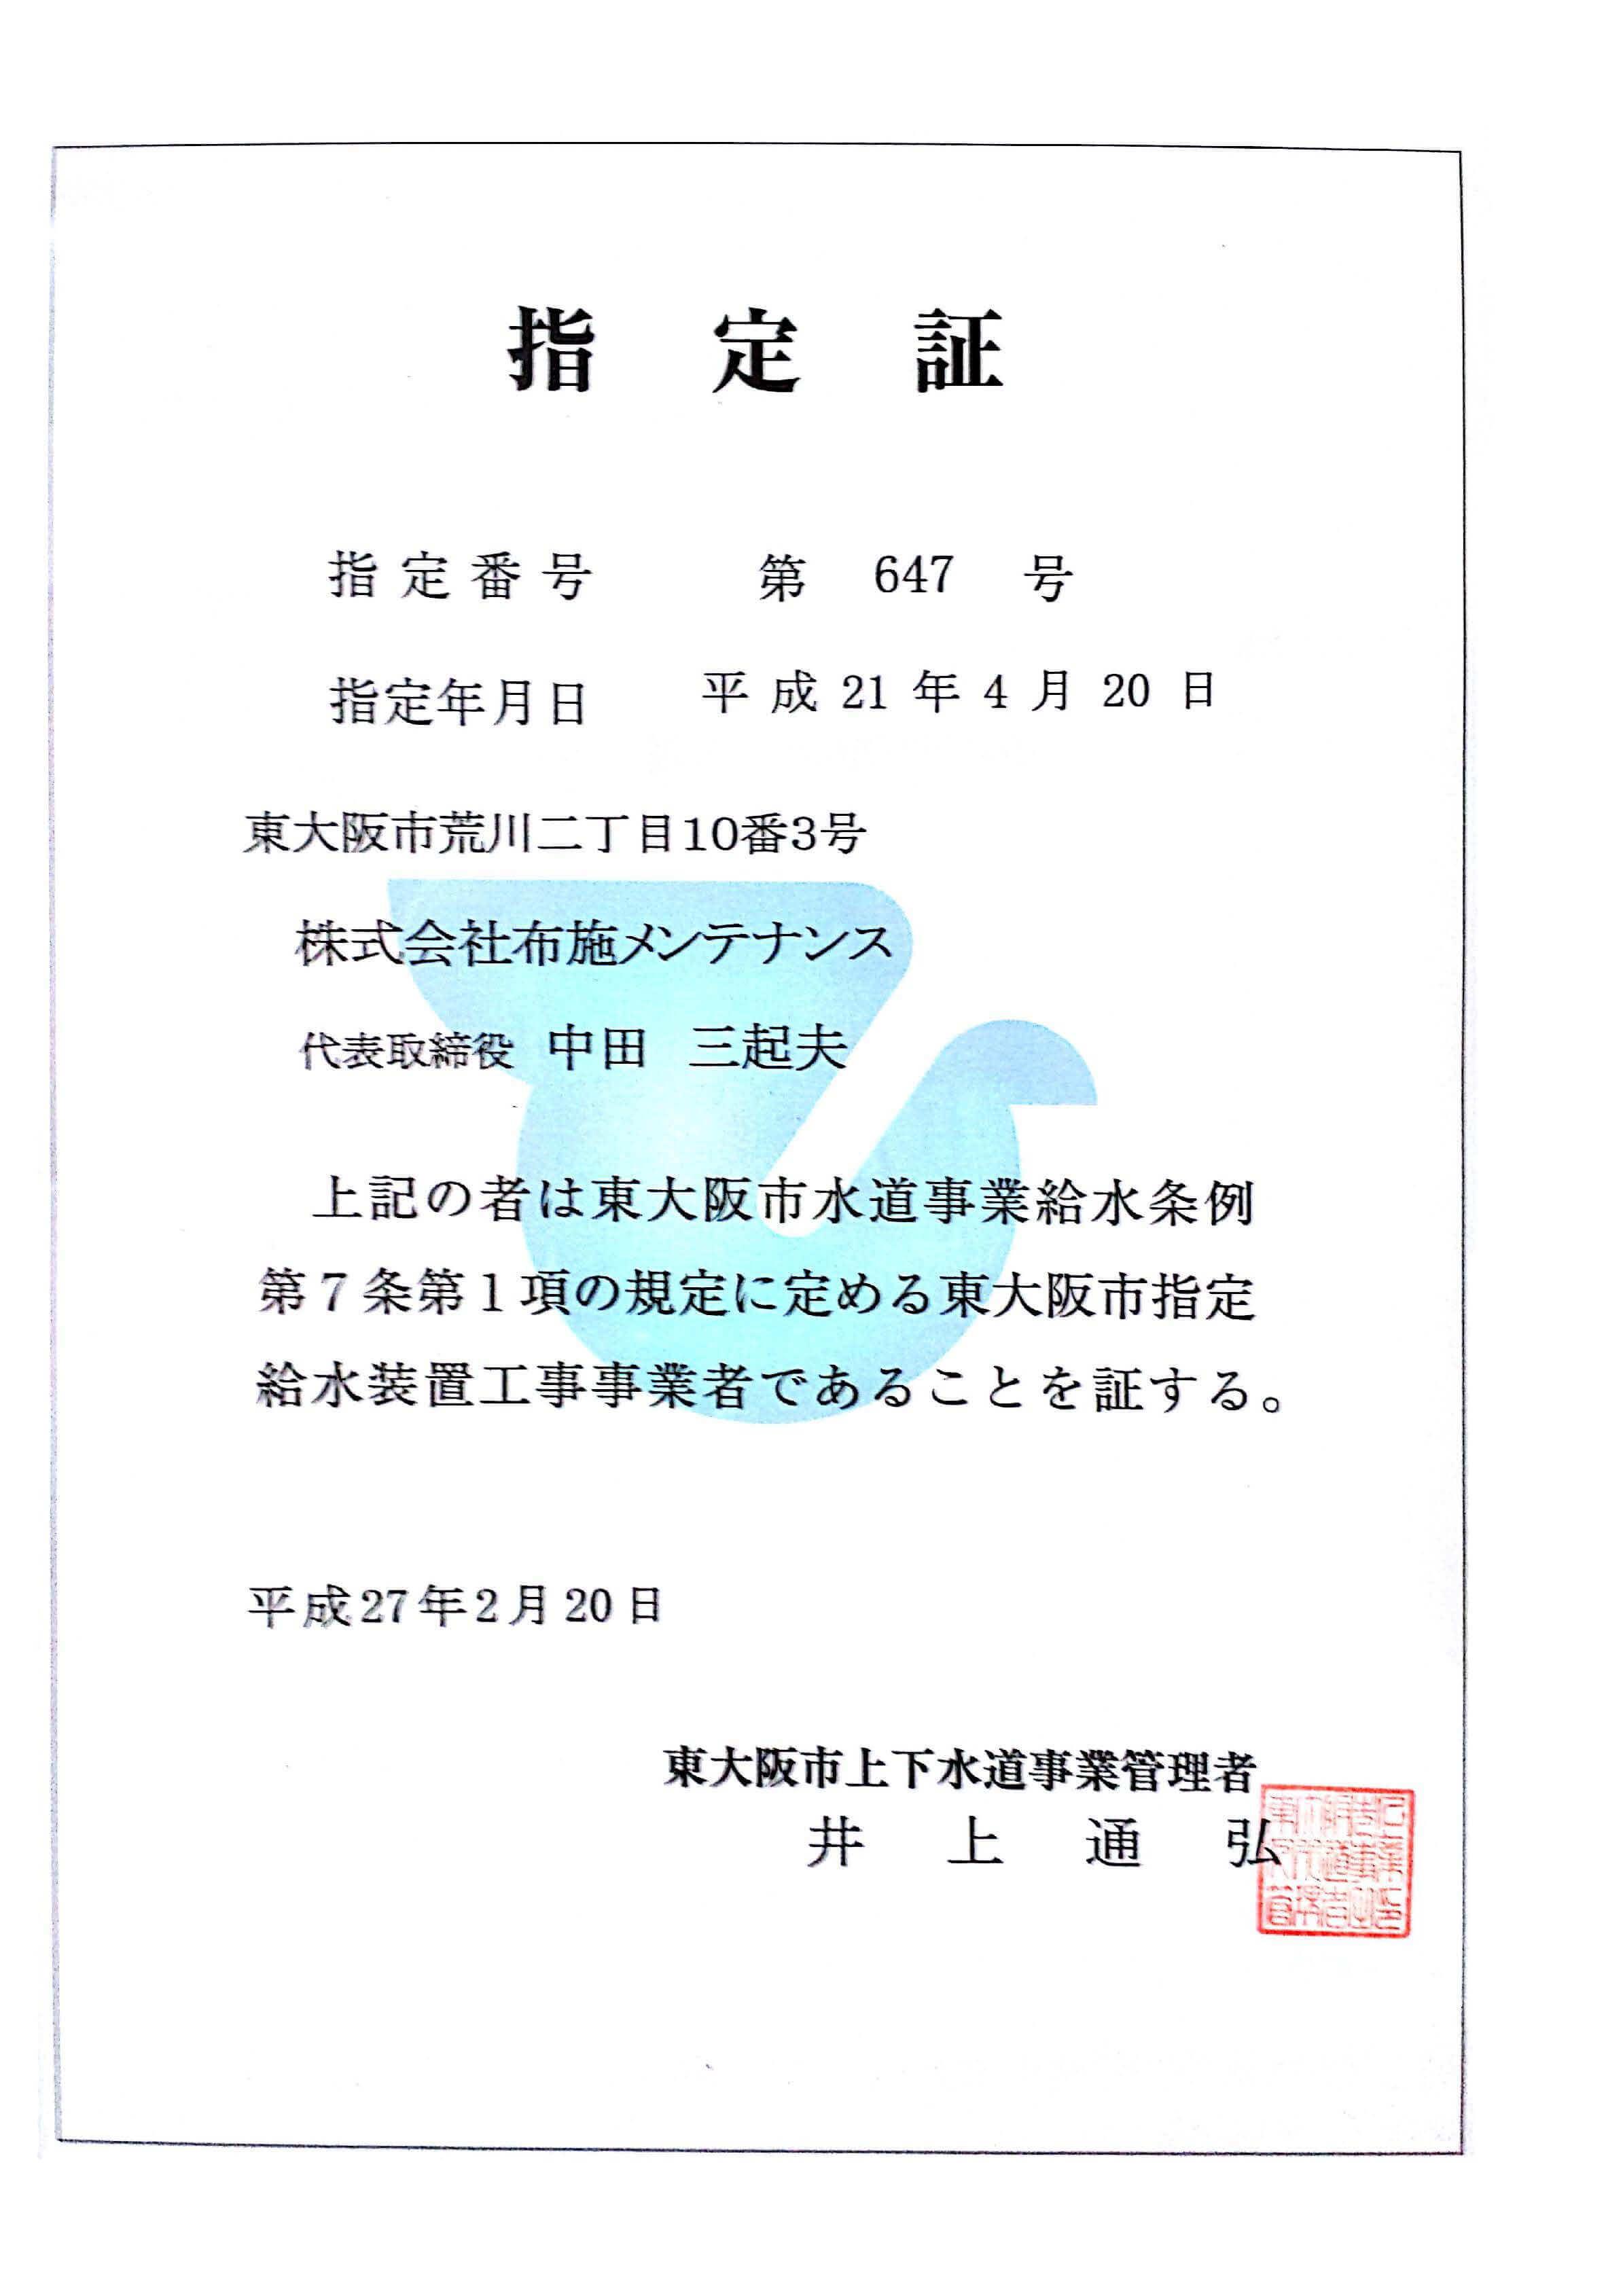 東大阪市指定給水装置工事事業者指定証